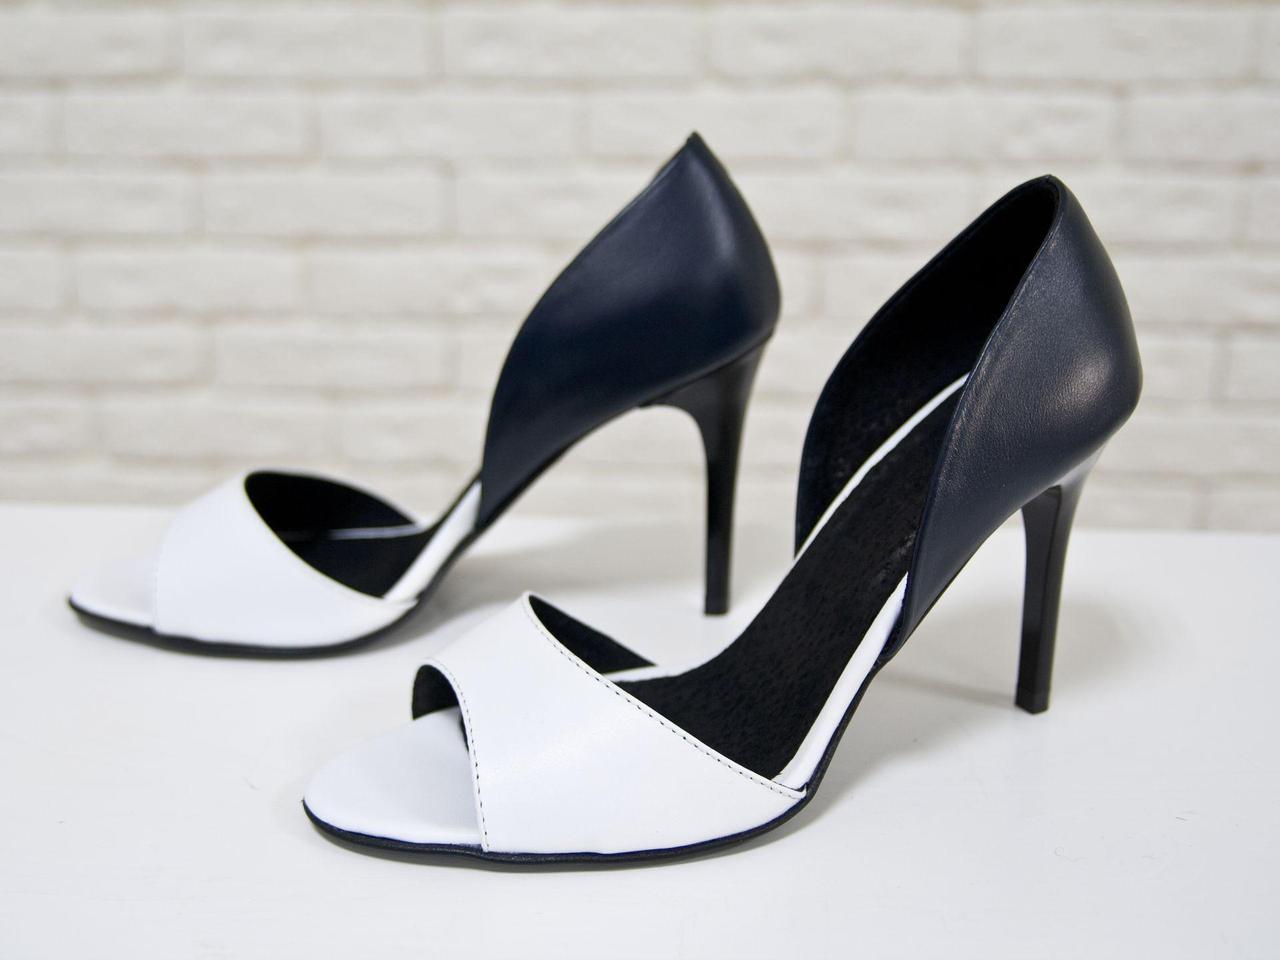 Босоножки из натуральной кожи белого и темно синего цвета на каблуке-шпилька, С-704